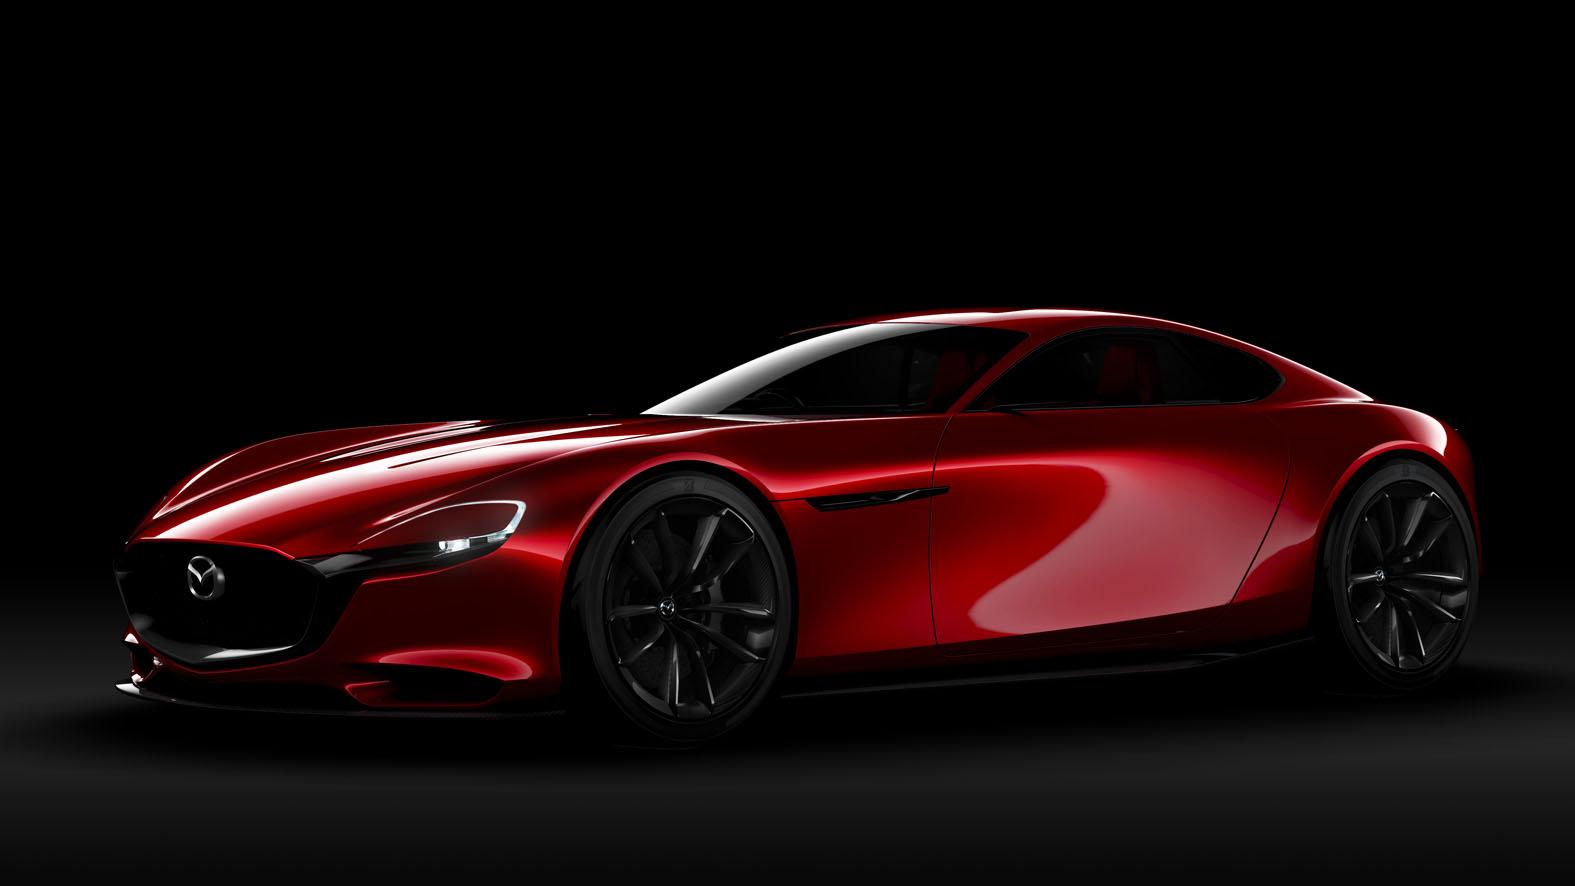 Серийное купе наоснове концепта Мазда RX-Vision выпустят в 2020-ом